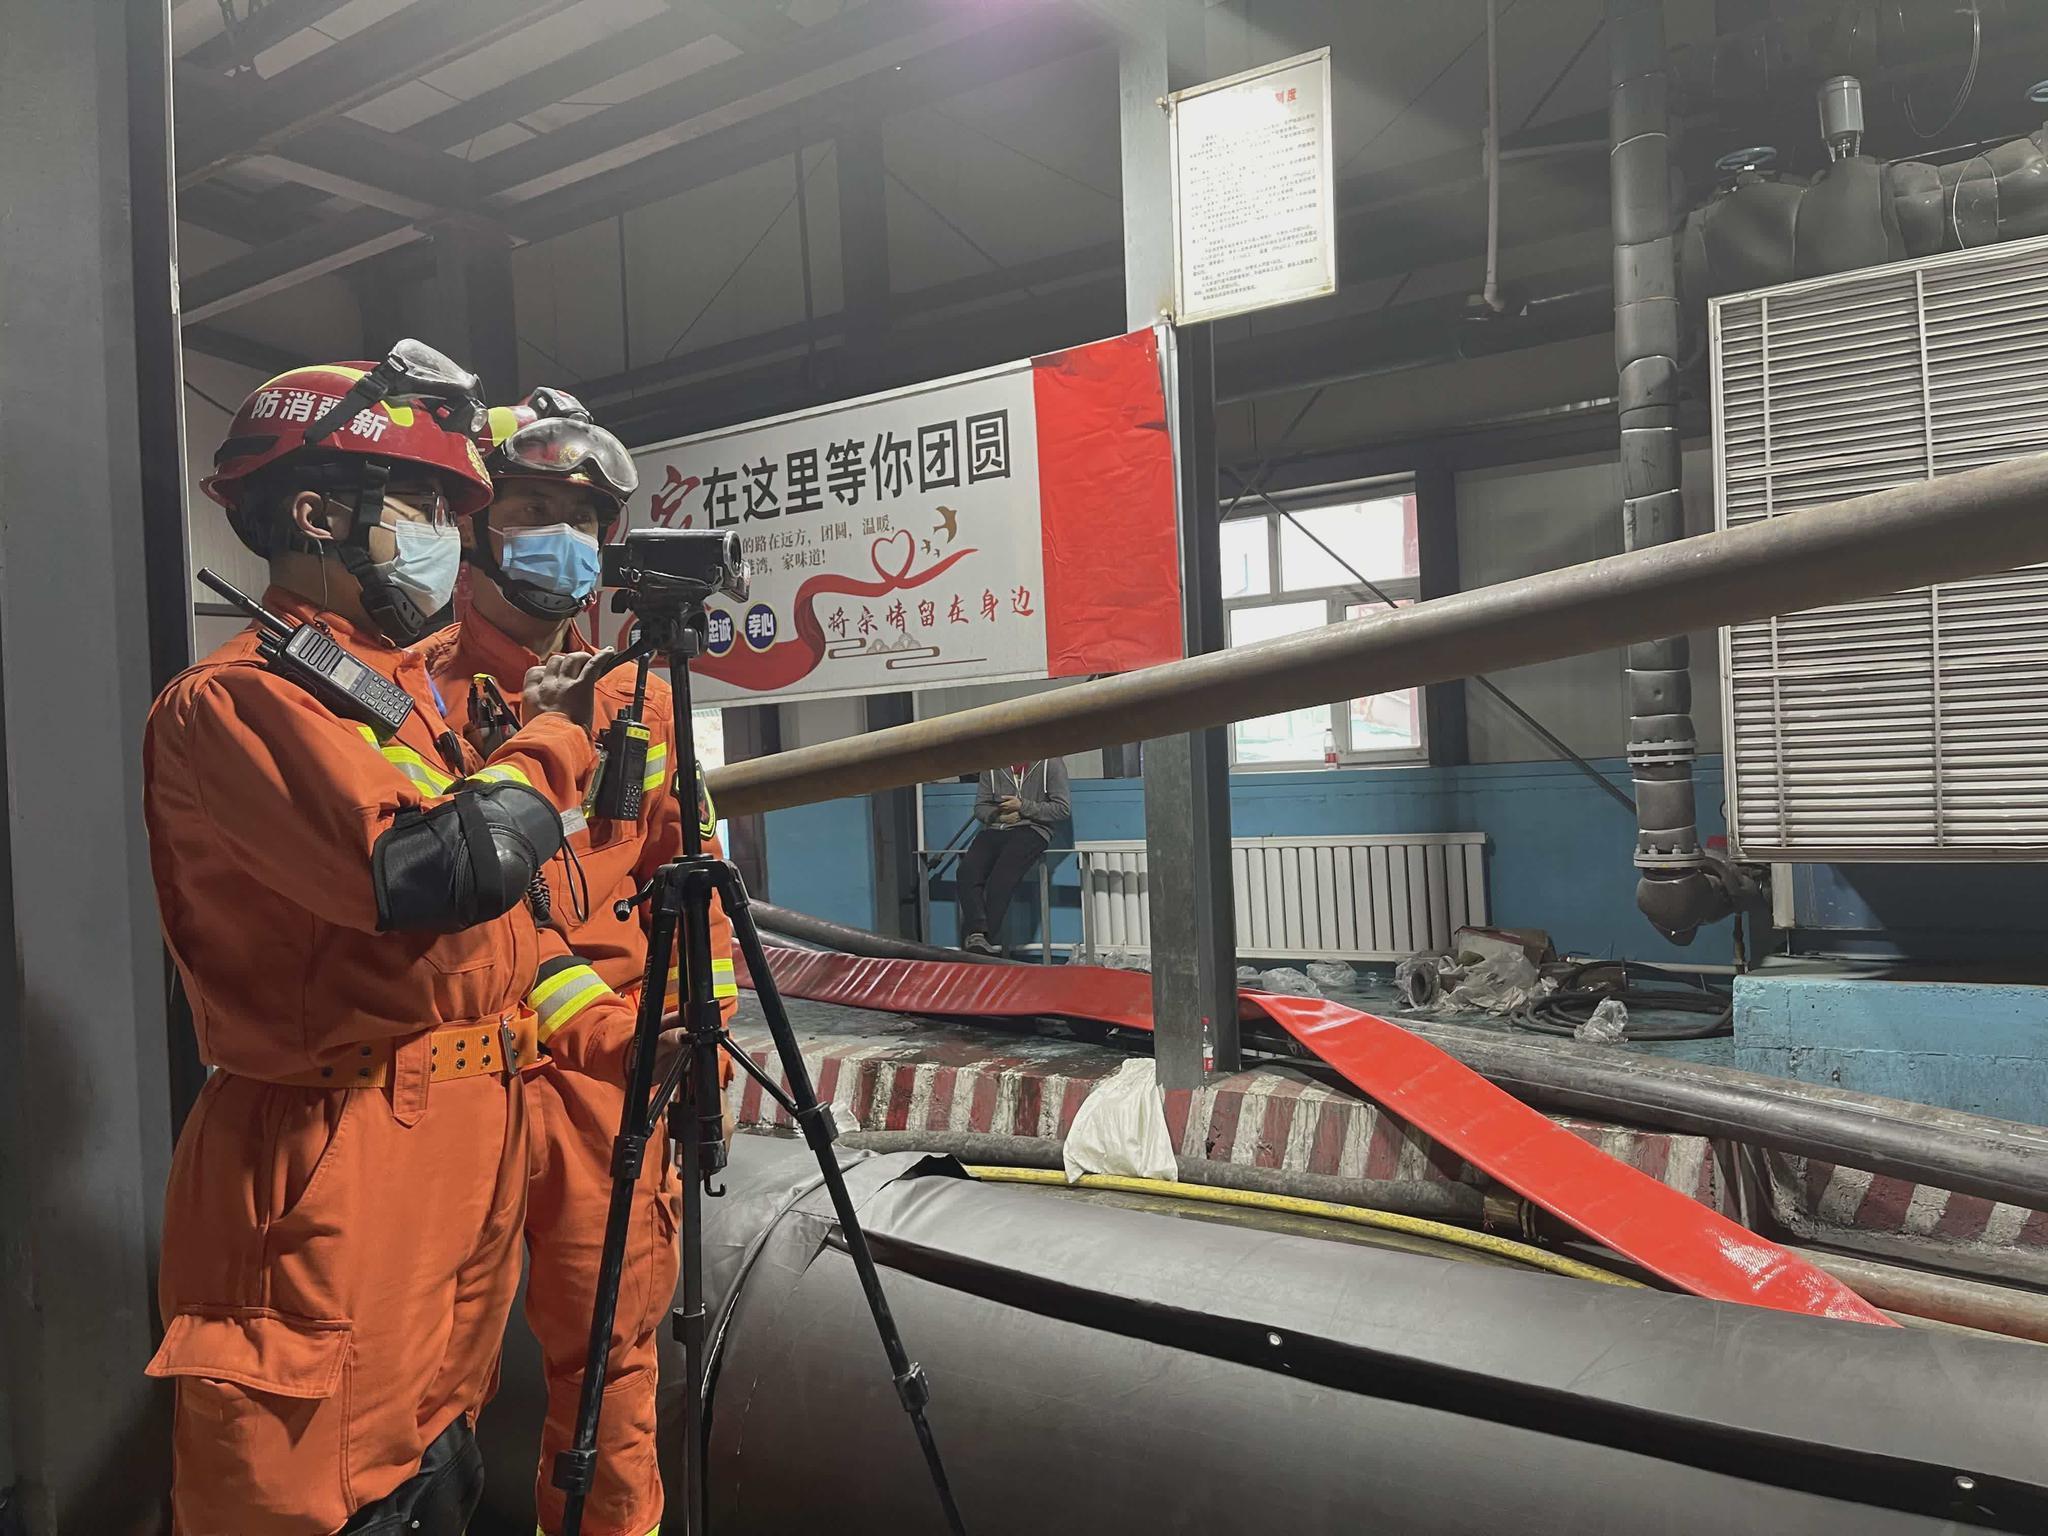 直击新疆煤矿透水事故救援:各类参与救援人员已有1498人